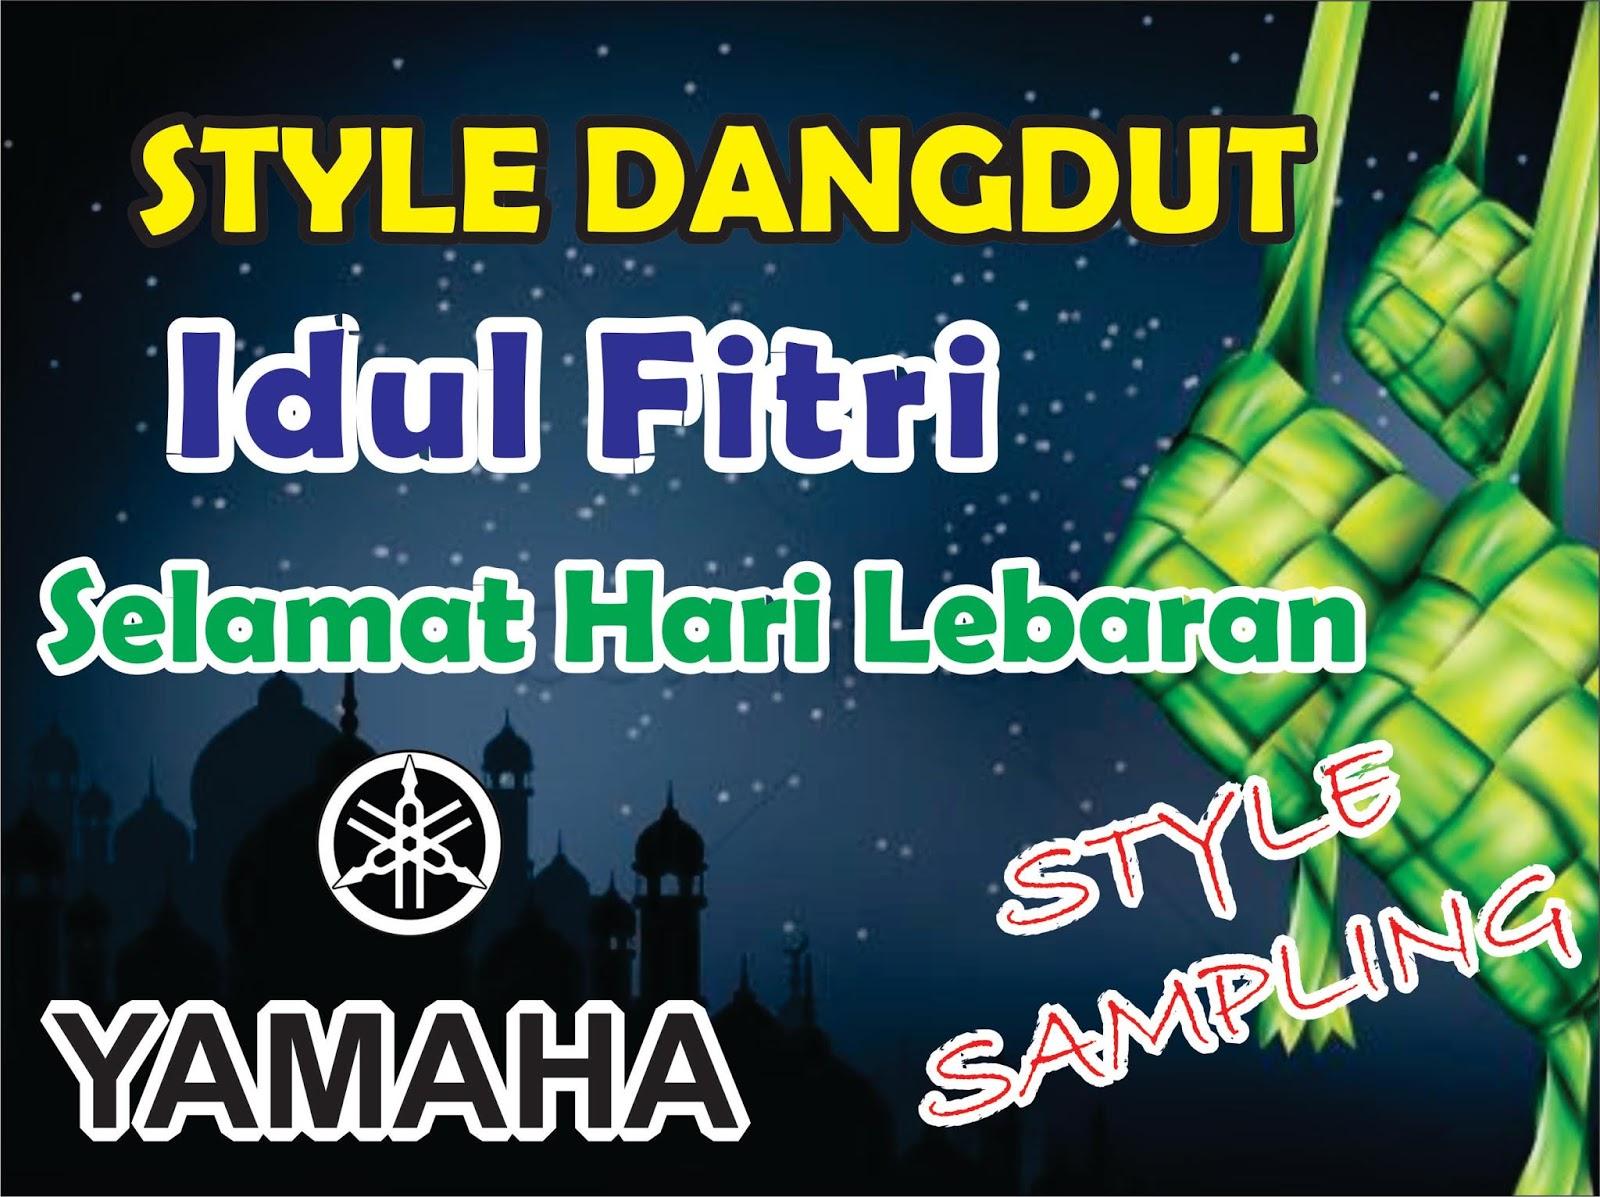 Idul Fitri Dan Selamat Hari Lebaran Style Dangdut Gratis Yamaha